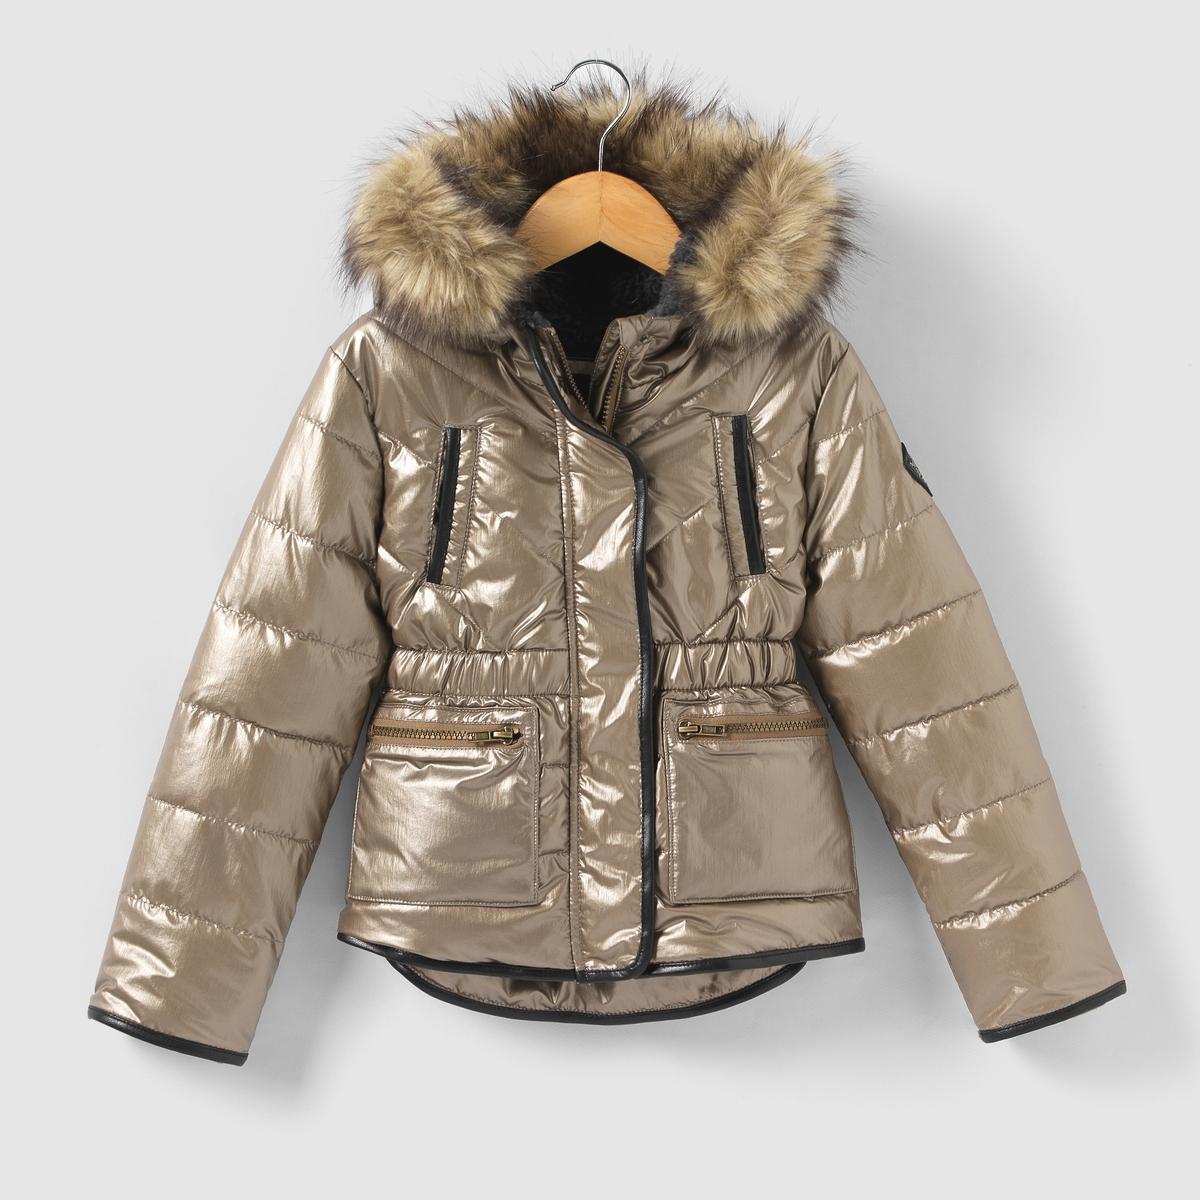 Куртка стеганая с капюшоном, искусственный мех, 3-14 летСтеганая куртка с водонепроницаемой пропиткой IKKS JUNIOR. Капюшон оторочен искусственным мехом. Супатная застежка на молнию и кнопки. Нашивка на рукаве. 2 нагрудных кармана, 2 боковых кармана на молнии. Эластичный пояс. Немного длиннее сзади.Состав и описаниеМатериал       100% полиамид. Искусственный мех 85 % акрила, 15 % полиэстераПодкладка     100% полиэстерМарка IKKS JUNIORУходСтирка и глажка с изнаночной стороныМашинная стирка при 40 °C с вещами схожих цветовМашинная сушка в умеренном режимеГладить при умеренной температуре<br><br>Цвет: золотистый